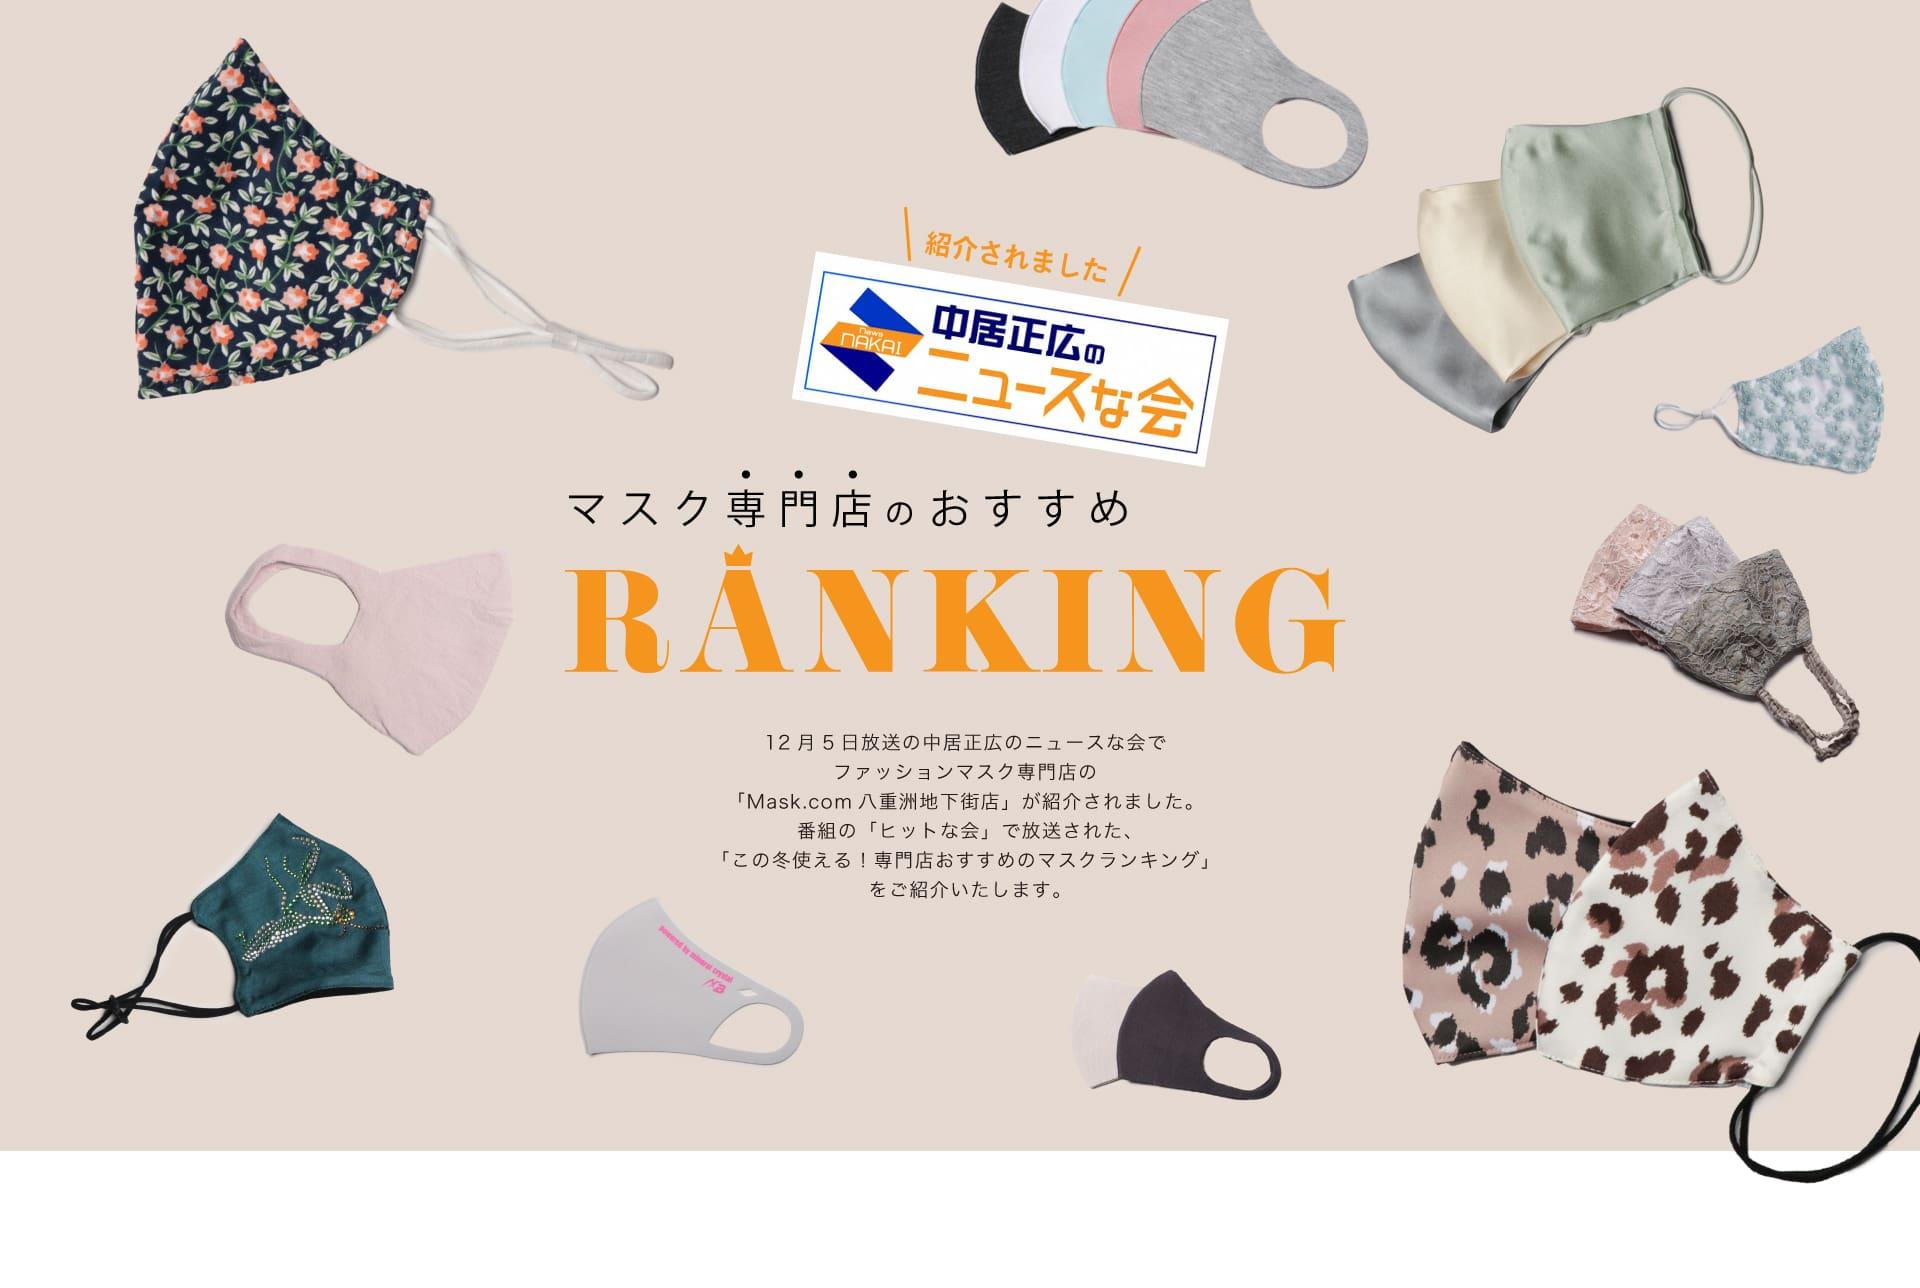 中居のニュースな会 Mask.com